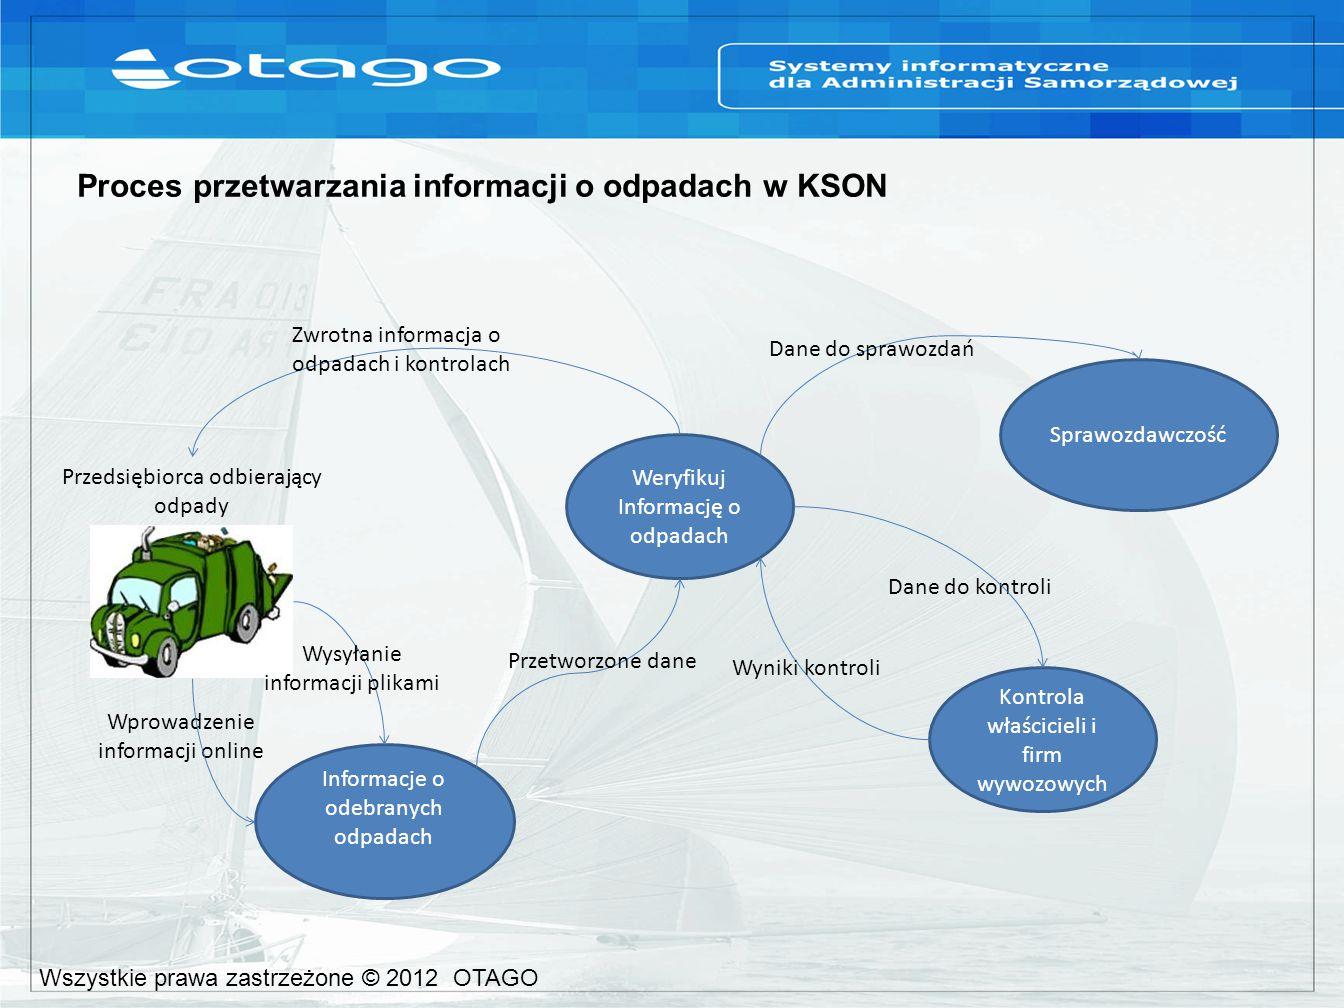 Proces przetwarzania informacji o odpadach w KSON